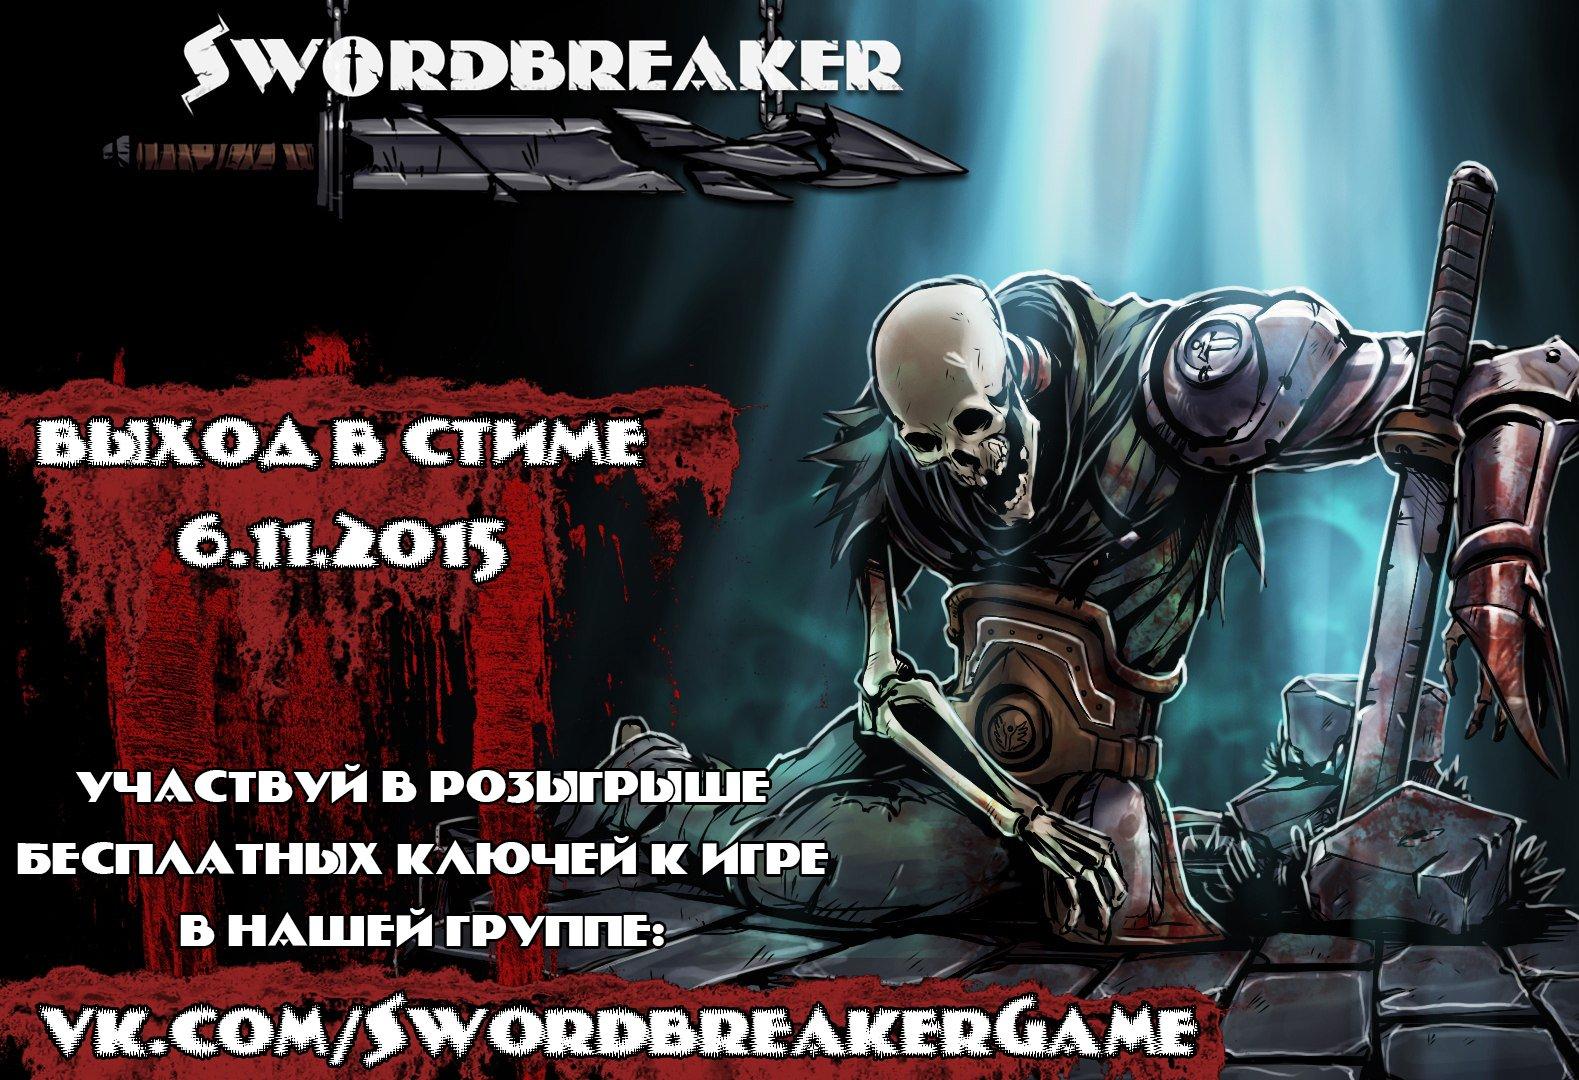 Розыгрыш ключей к игре Swordbreaker в Стим! - Изображение 1